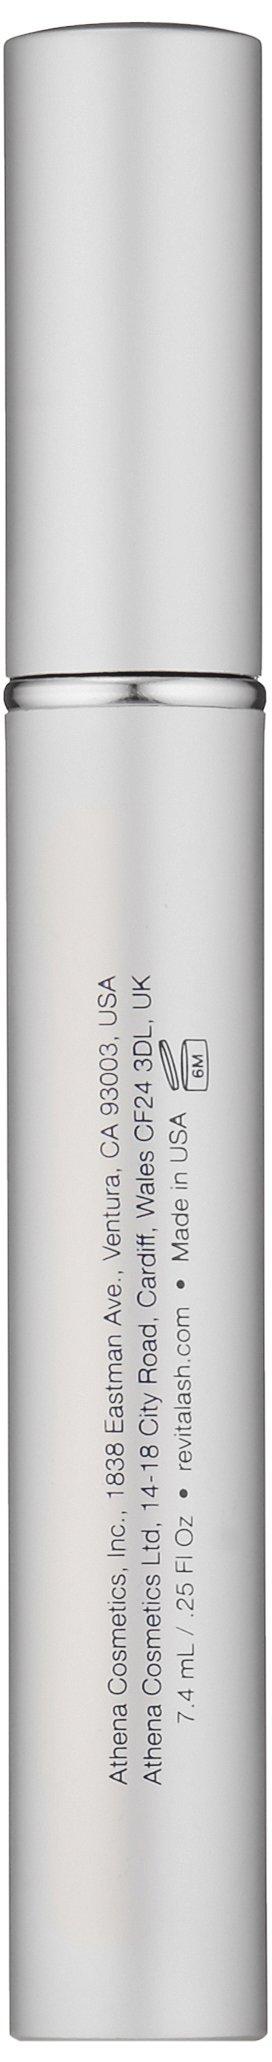 RevitaLash Cosmetics, Volumizing Mascara -Raven